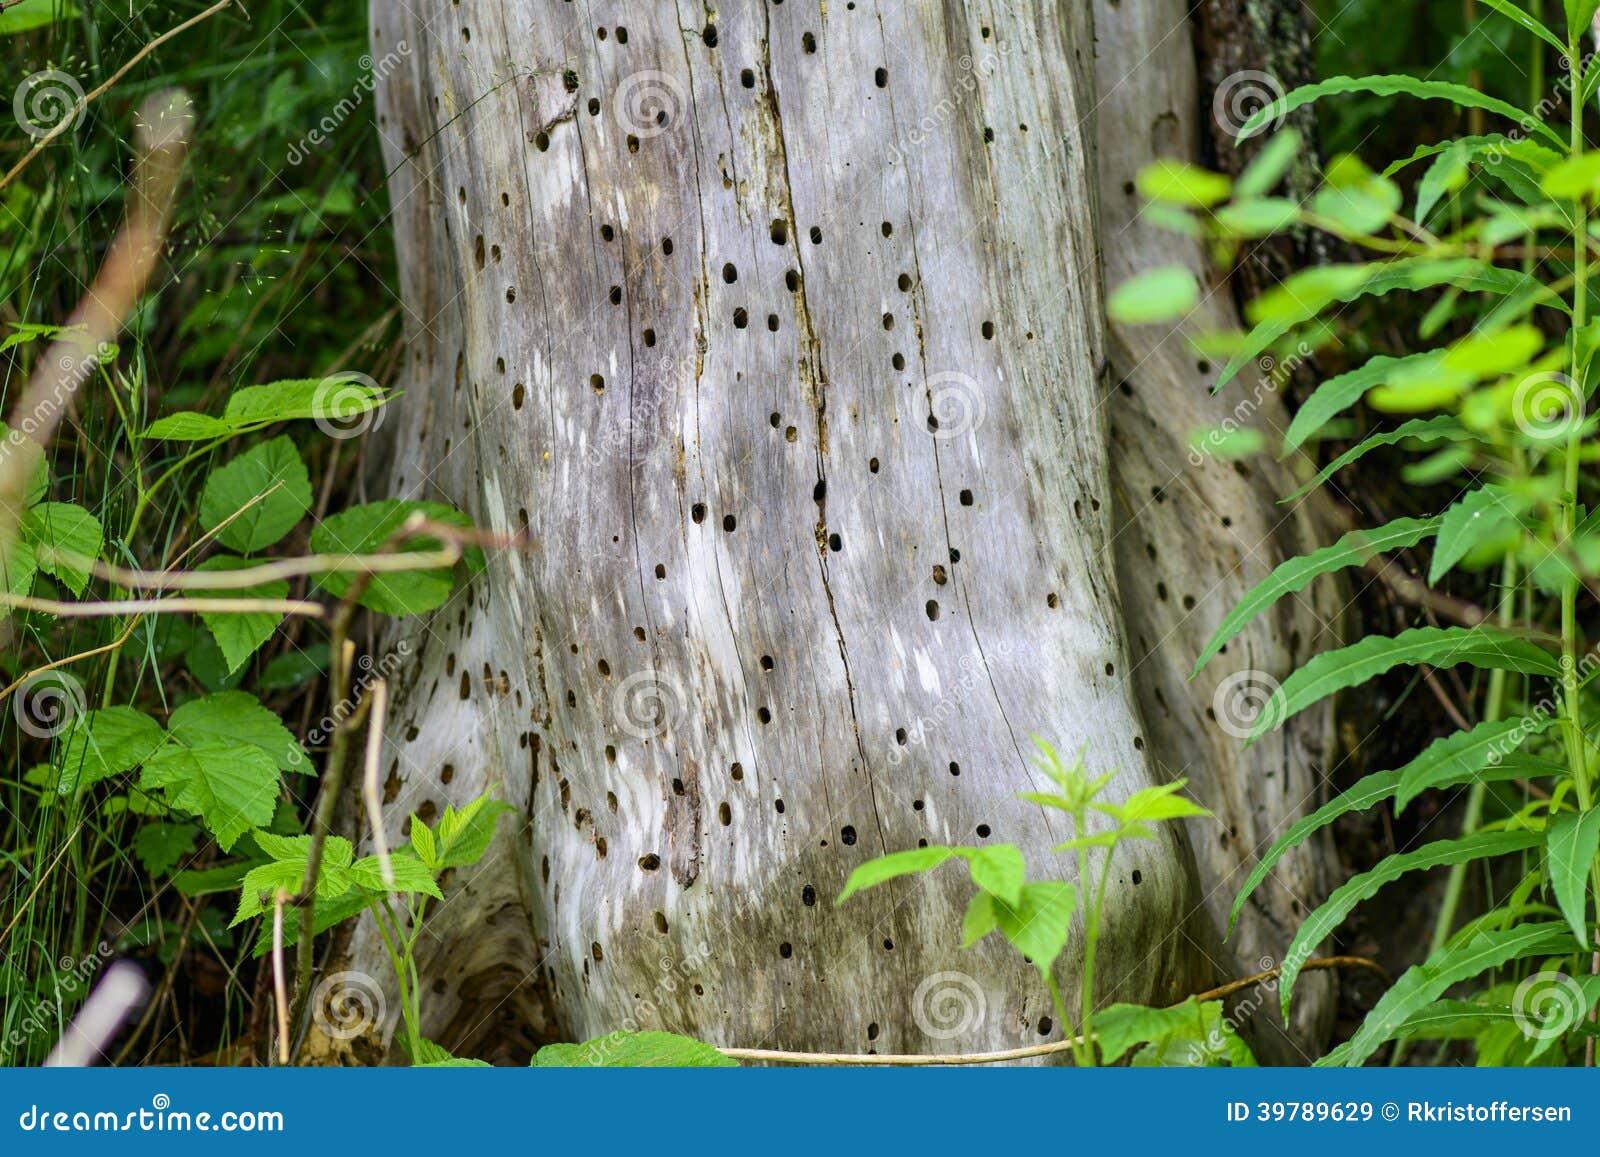 Termite Eaten Tree Stock Photo - Image: 39789629